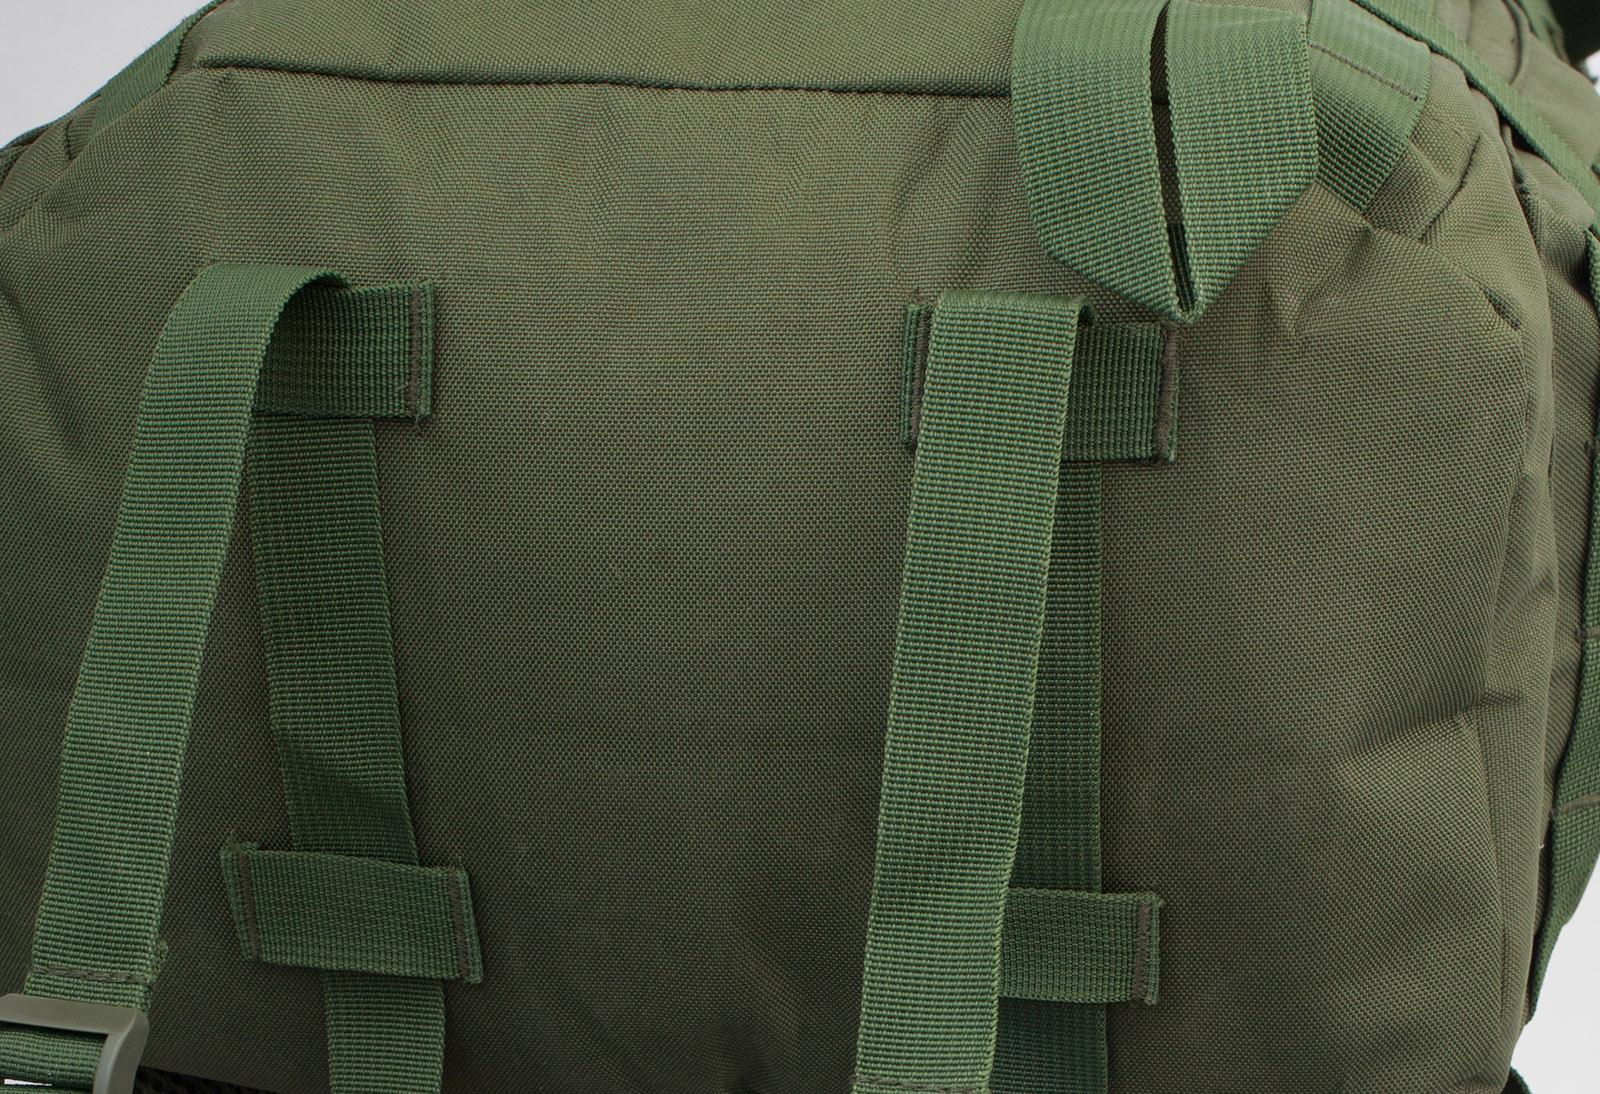 Функциональный рейдовый рюкзак с нашивкой ФСО - купить с доставкой